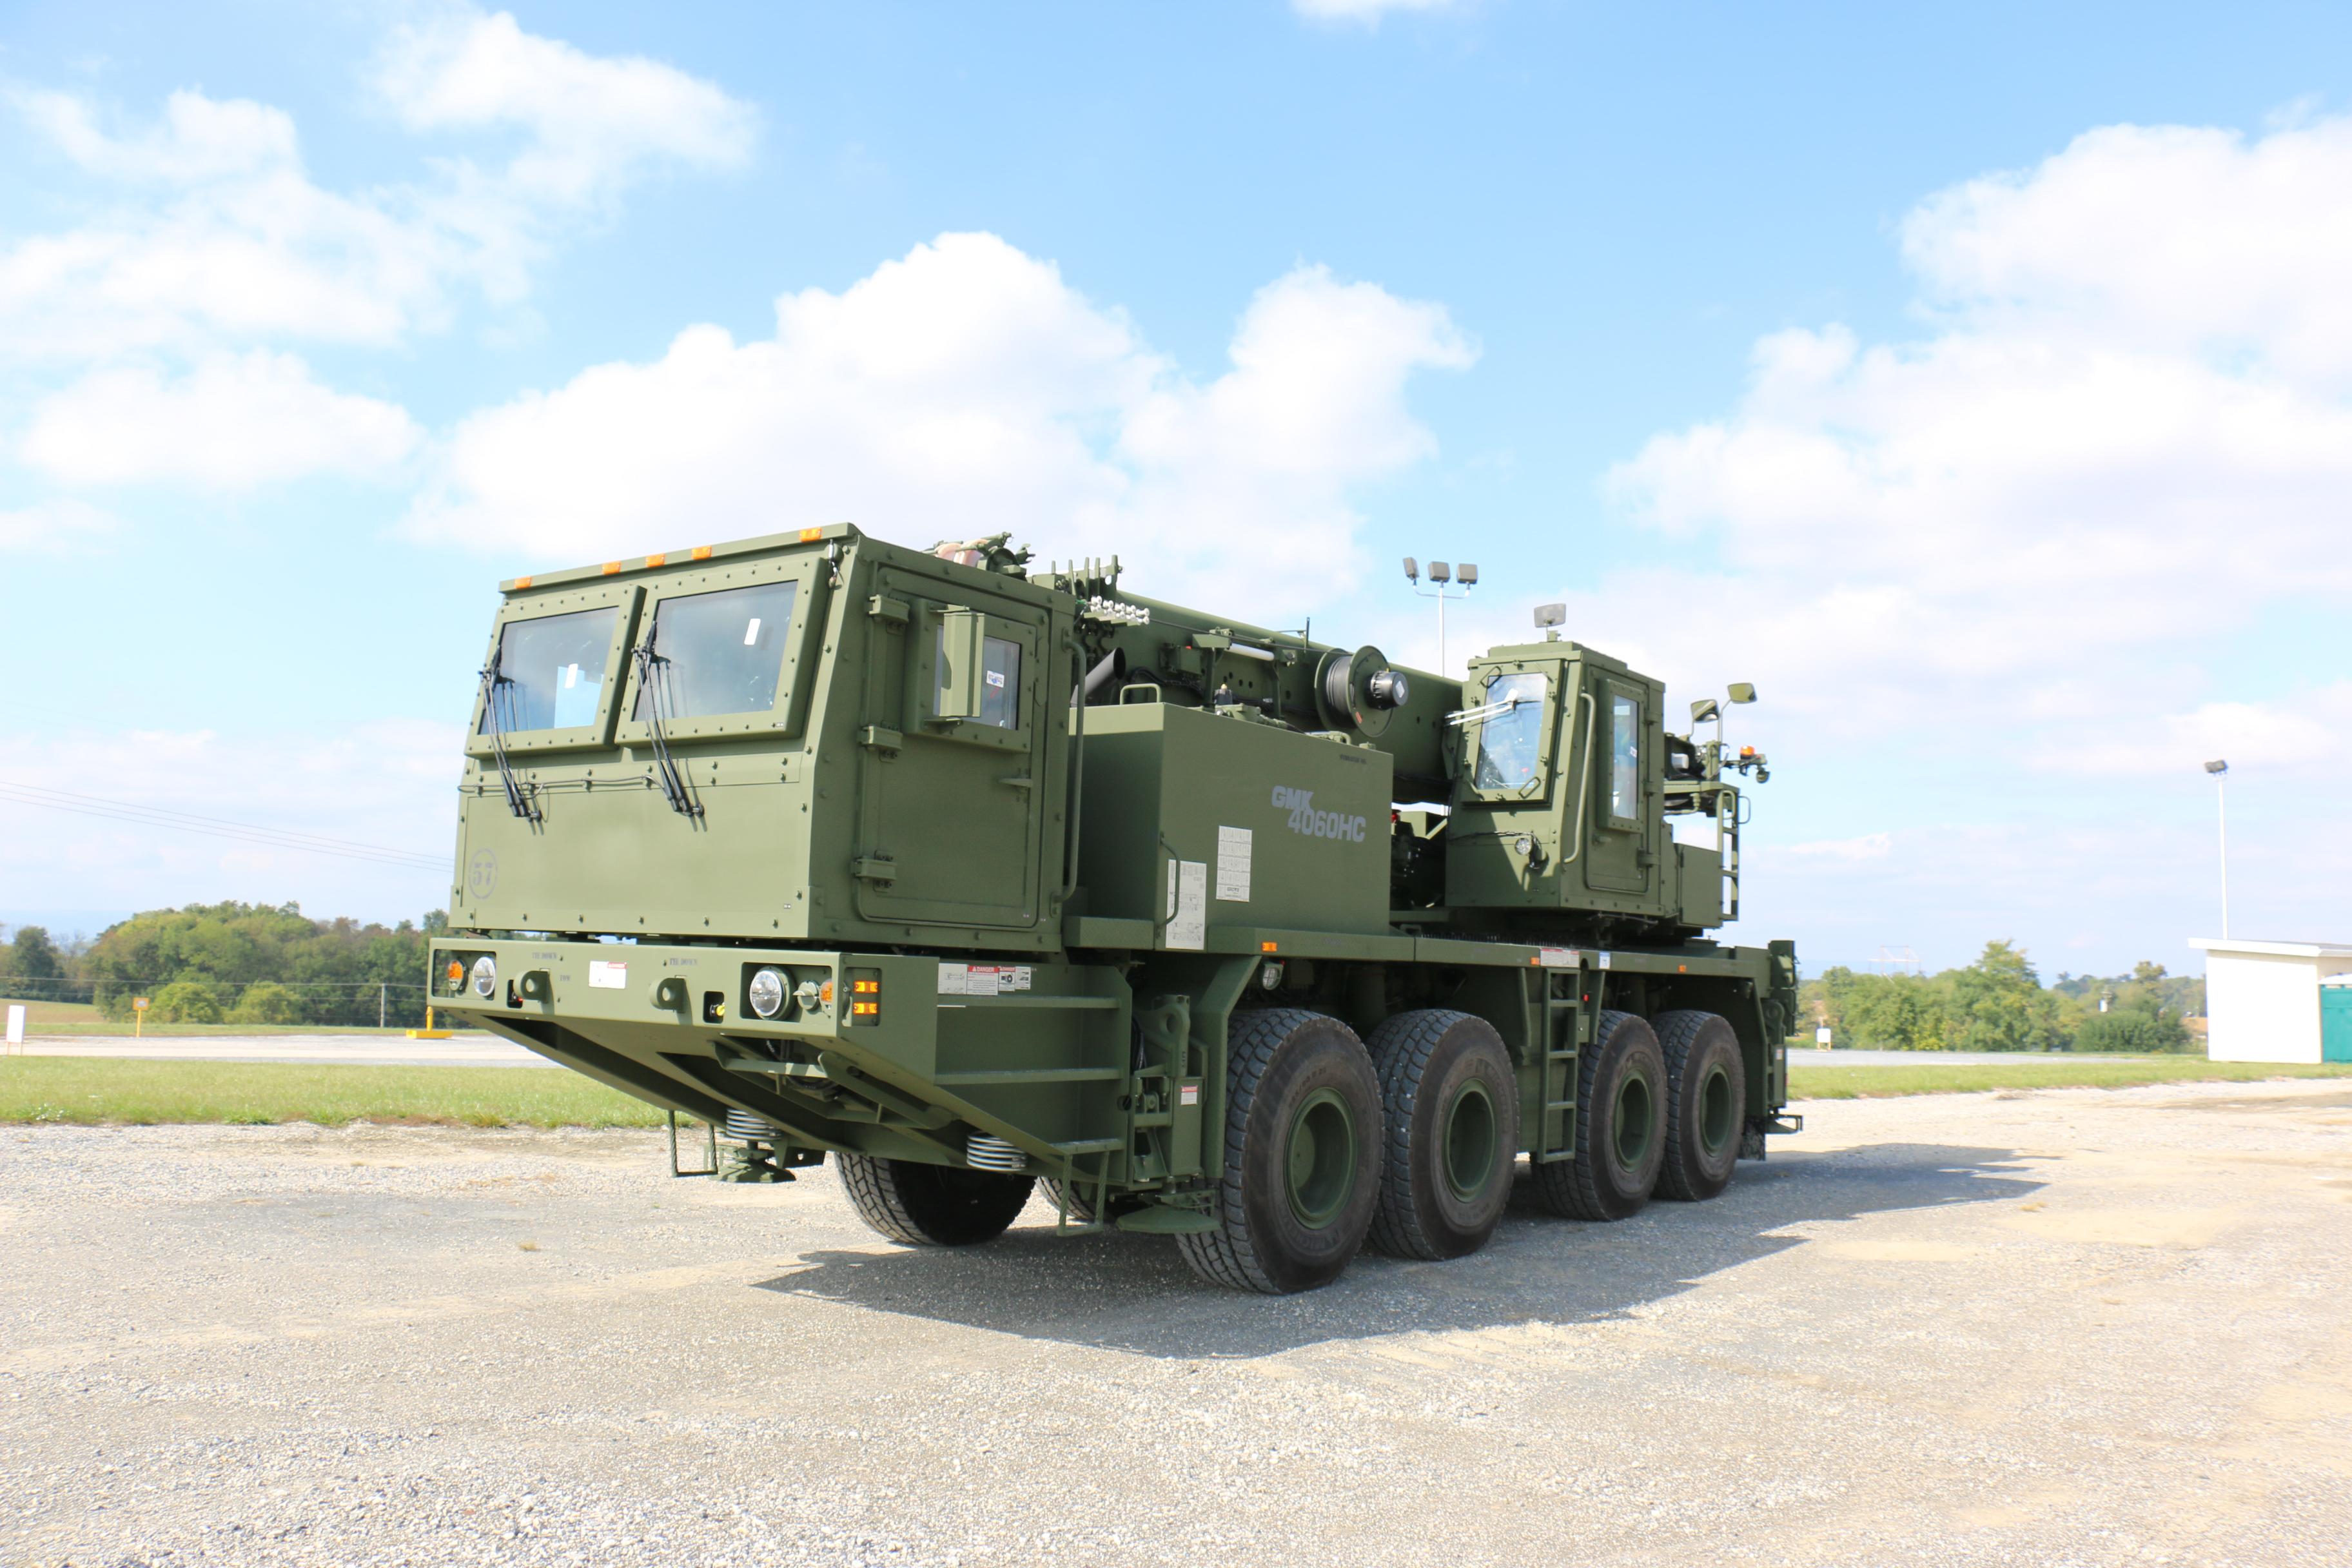 Manitowoc furnizează automacarale Grove GMK4060HC all-terain pentru armata americană